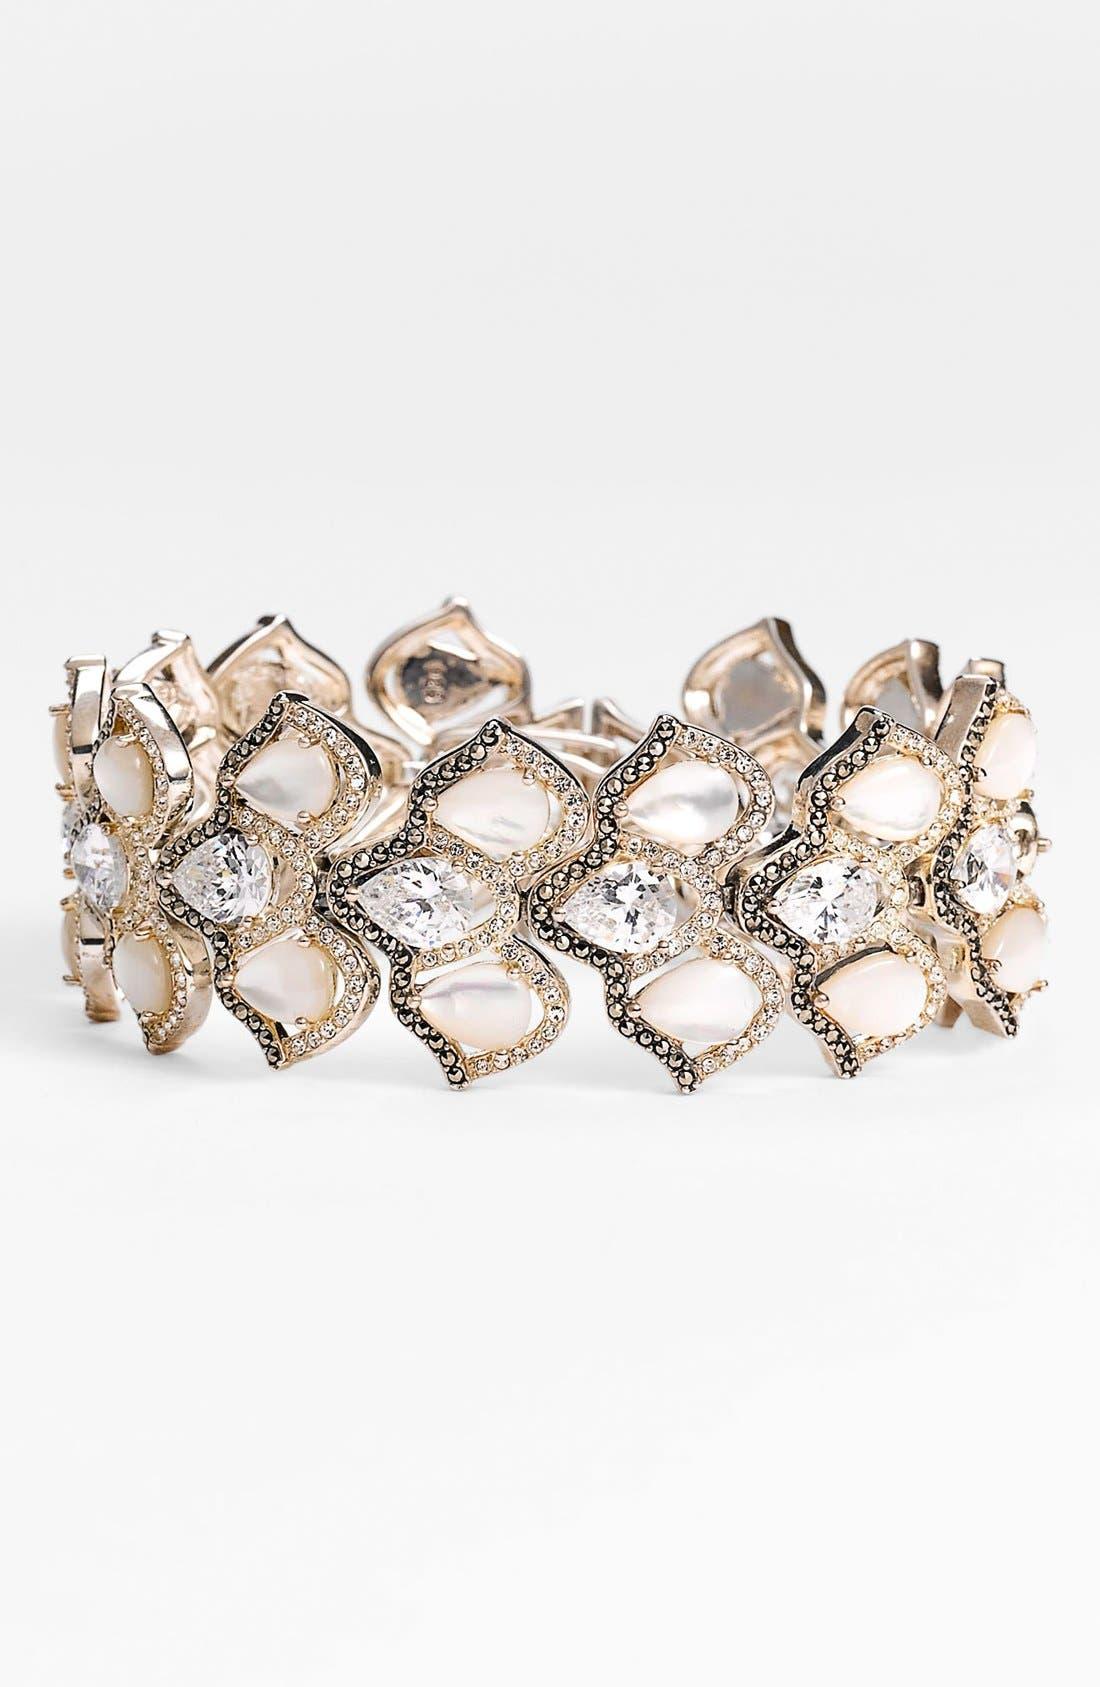 Main Image - Judith Jack 'Amore' Wide Line Bracelet